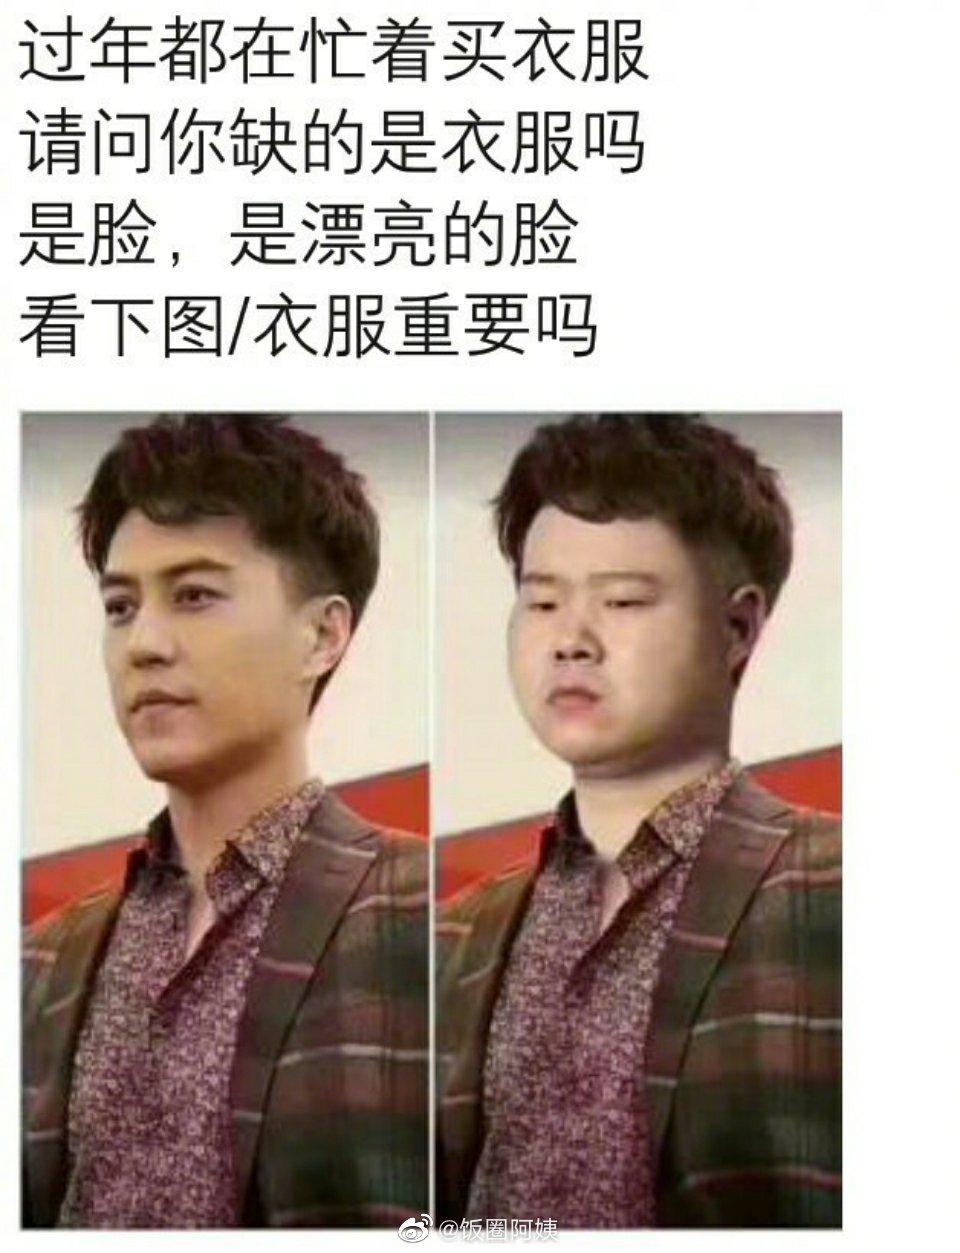 """岳云鹏被网友P图与靳东""""撞衫"""",喊话要打翻身仗"""